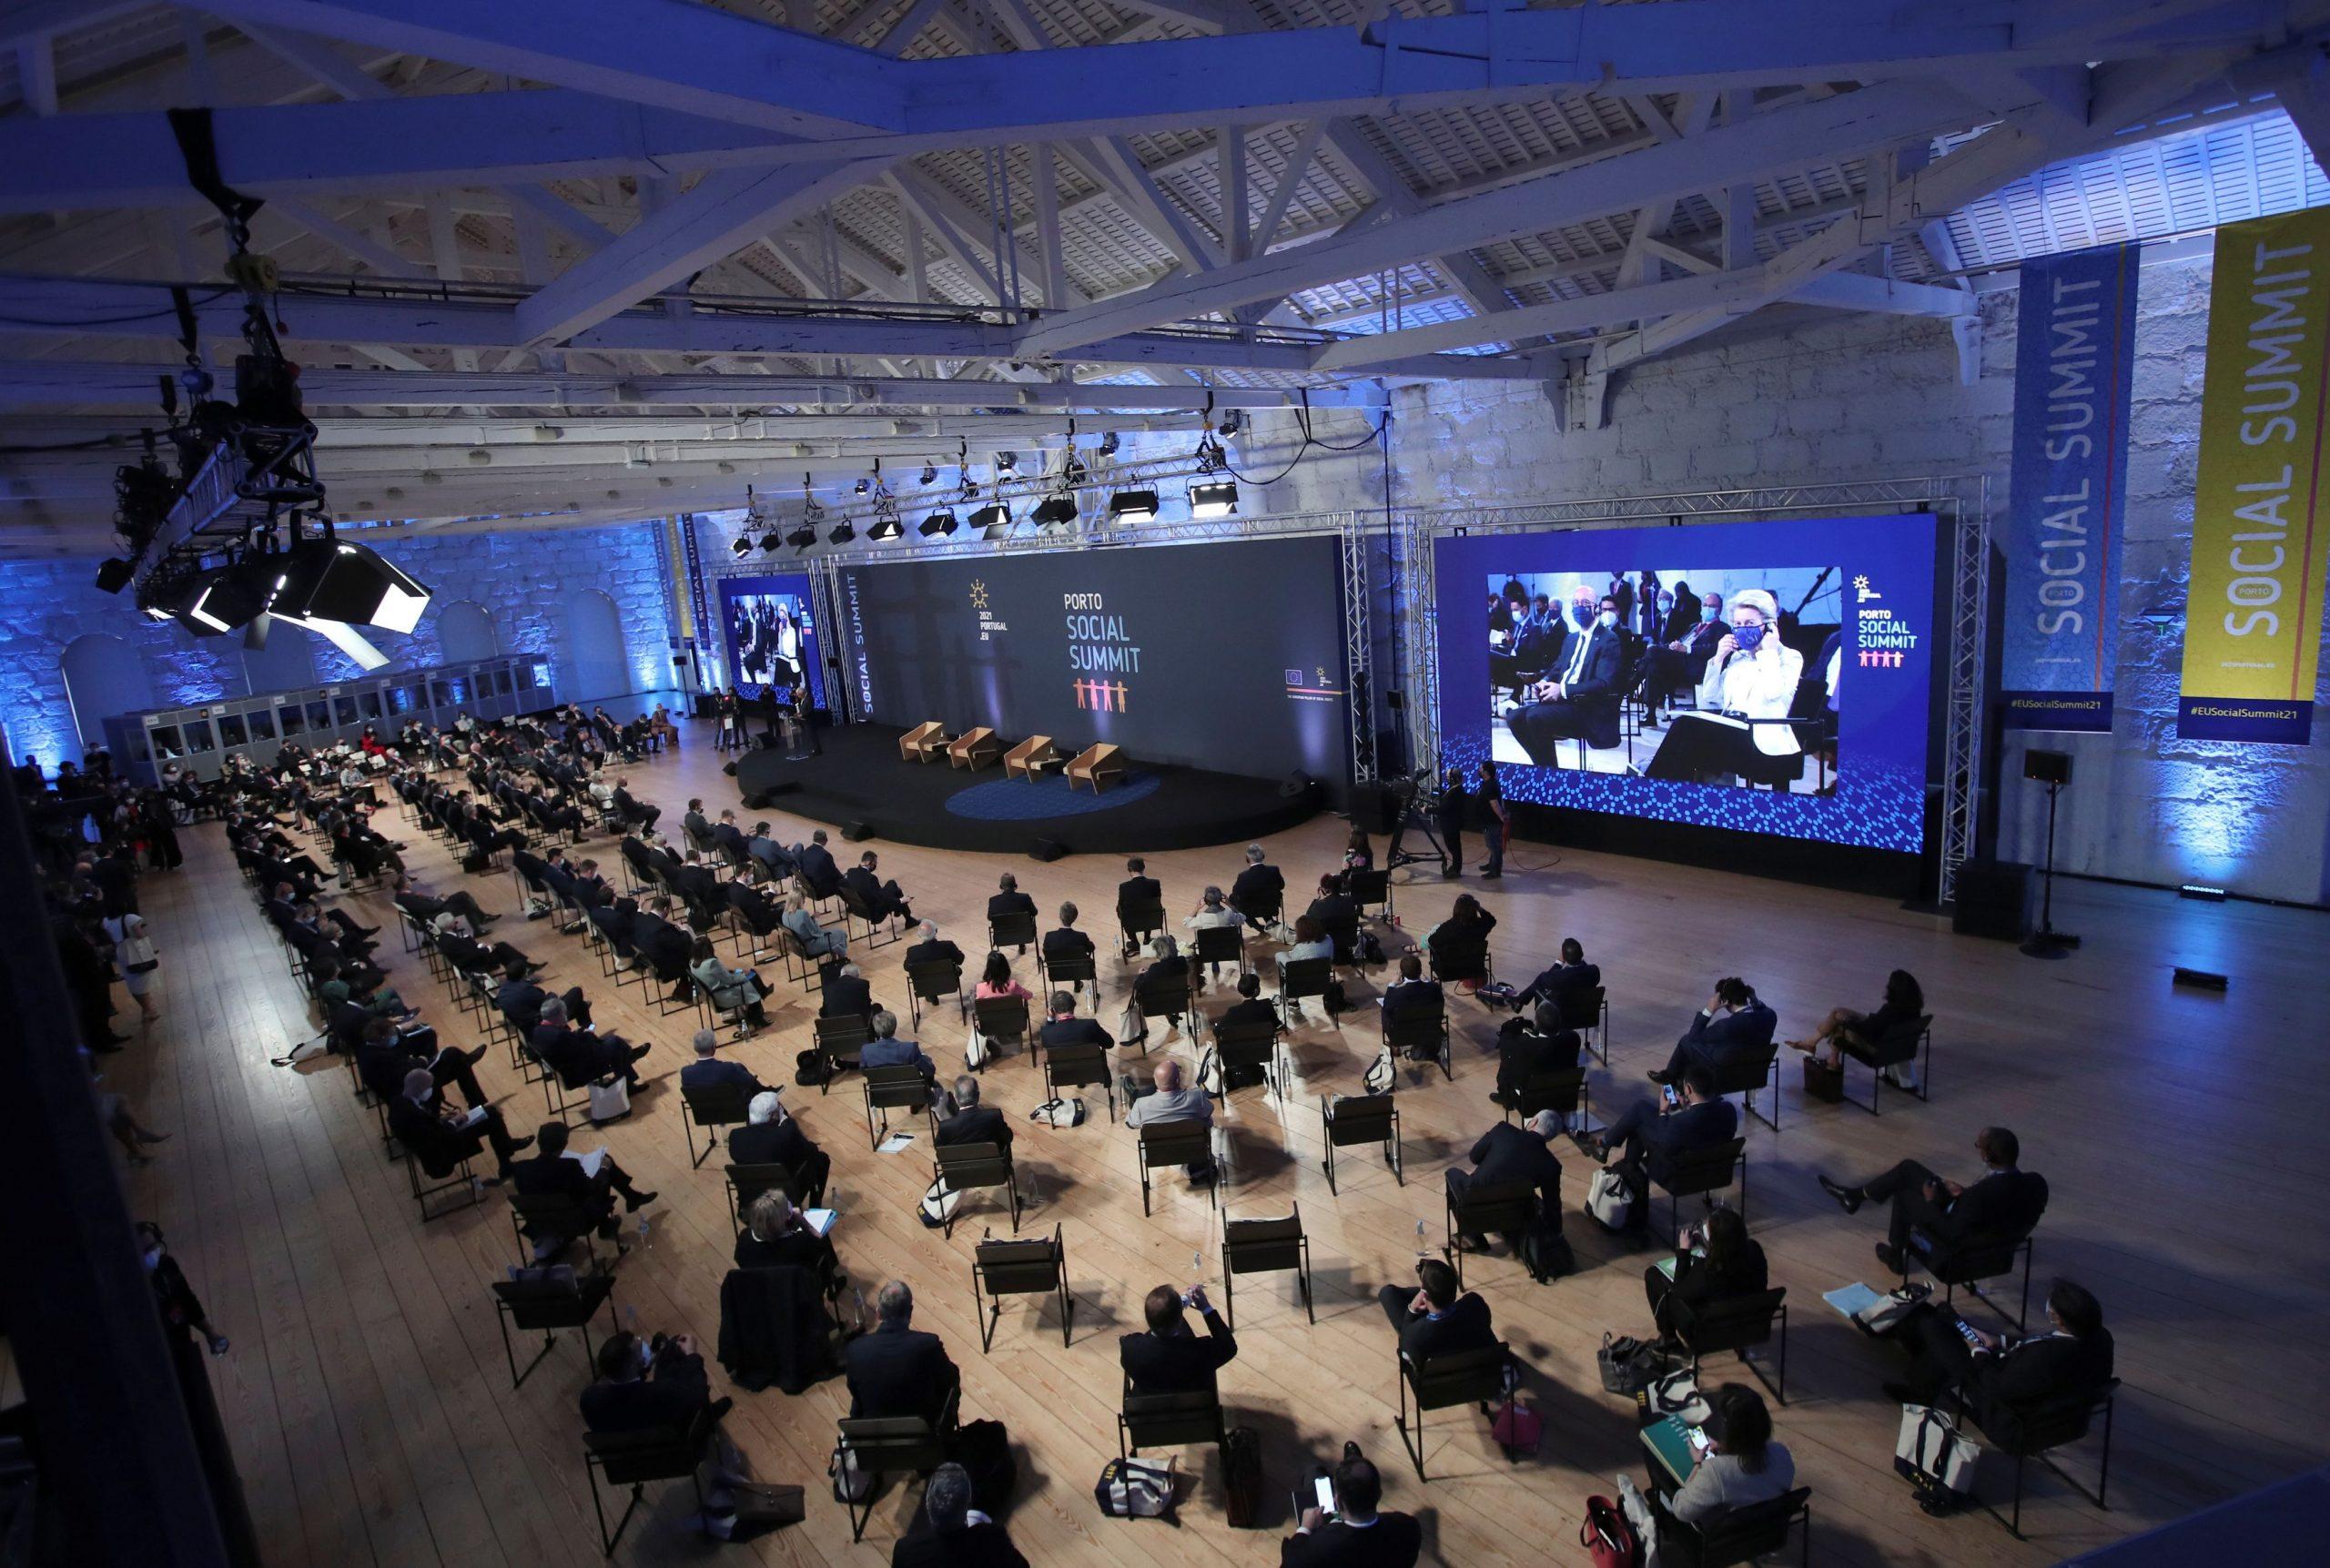 Društvena konferencija u Portu: svi partneri potpisali ciljeve do 2030. godine.